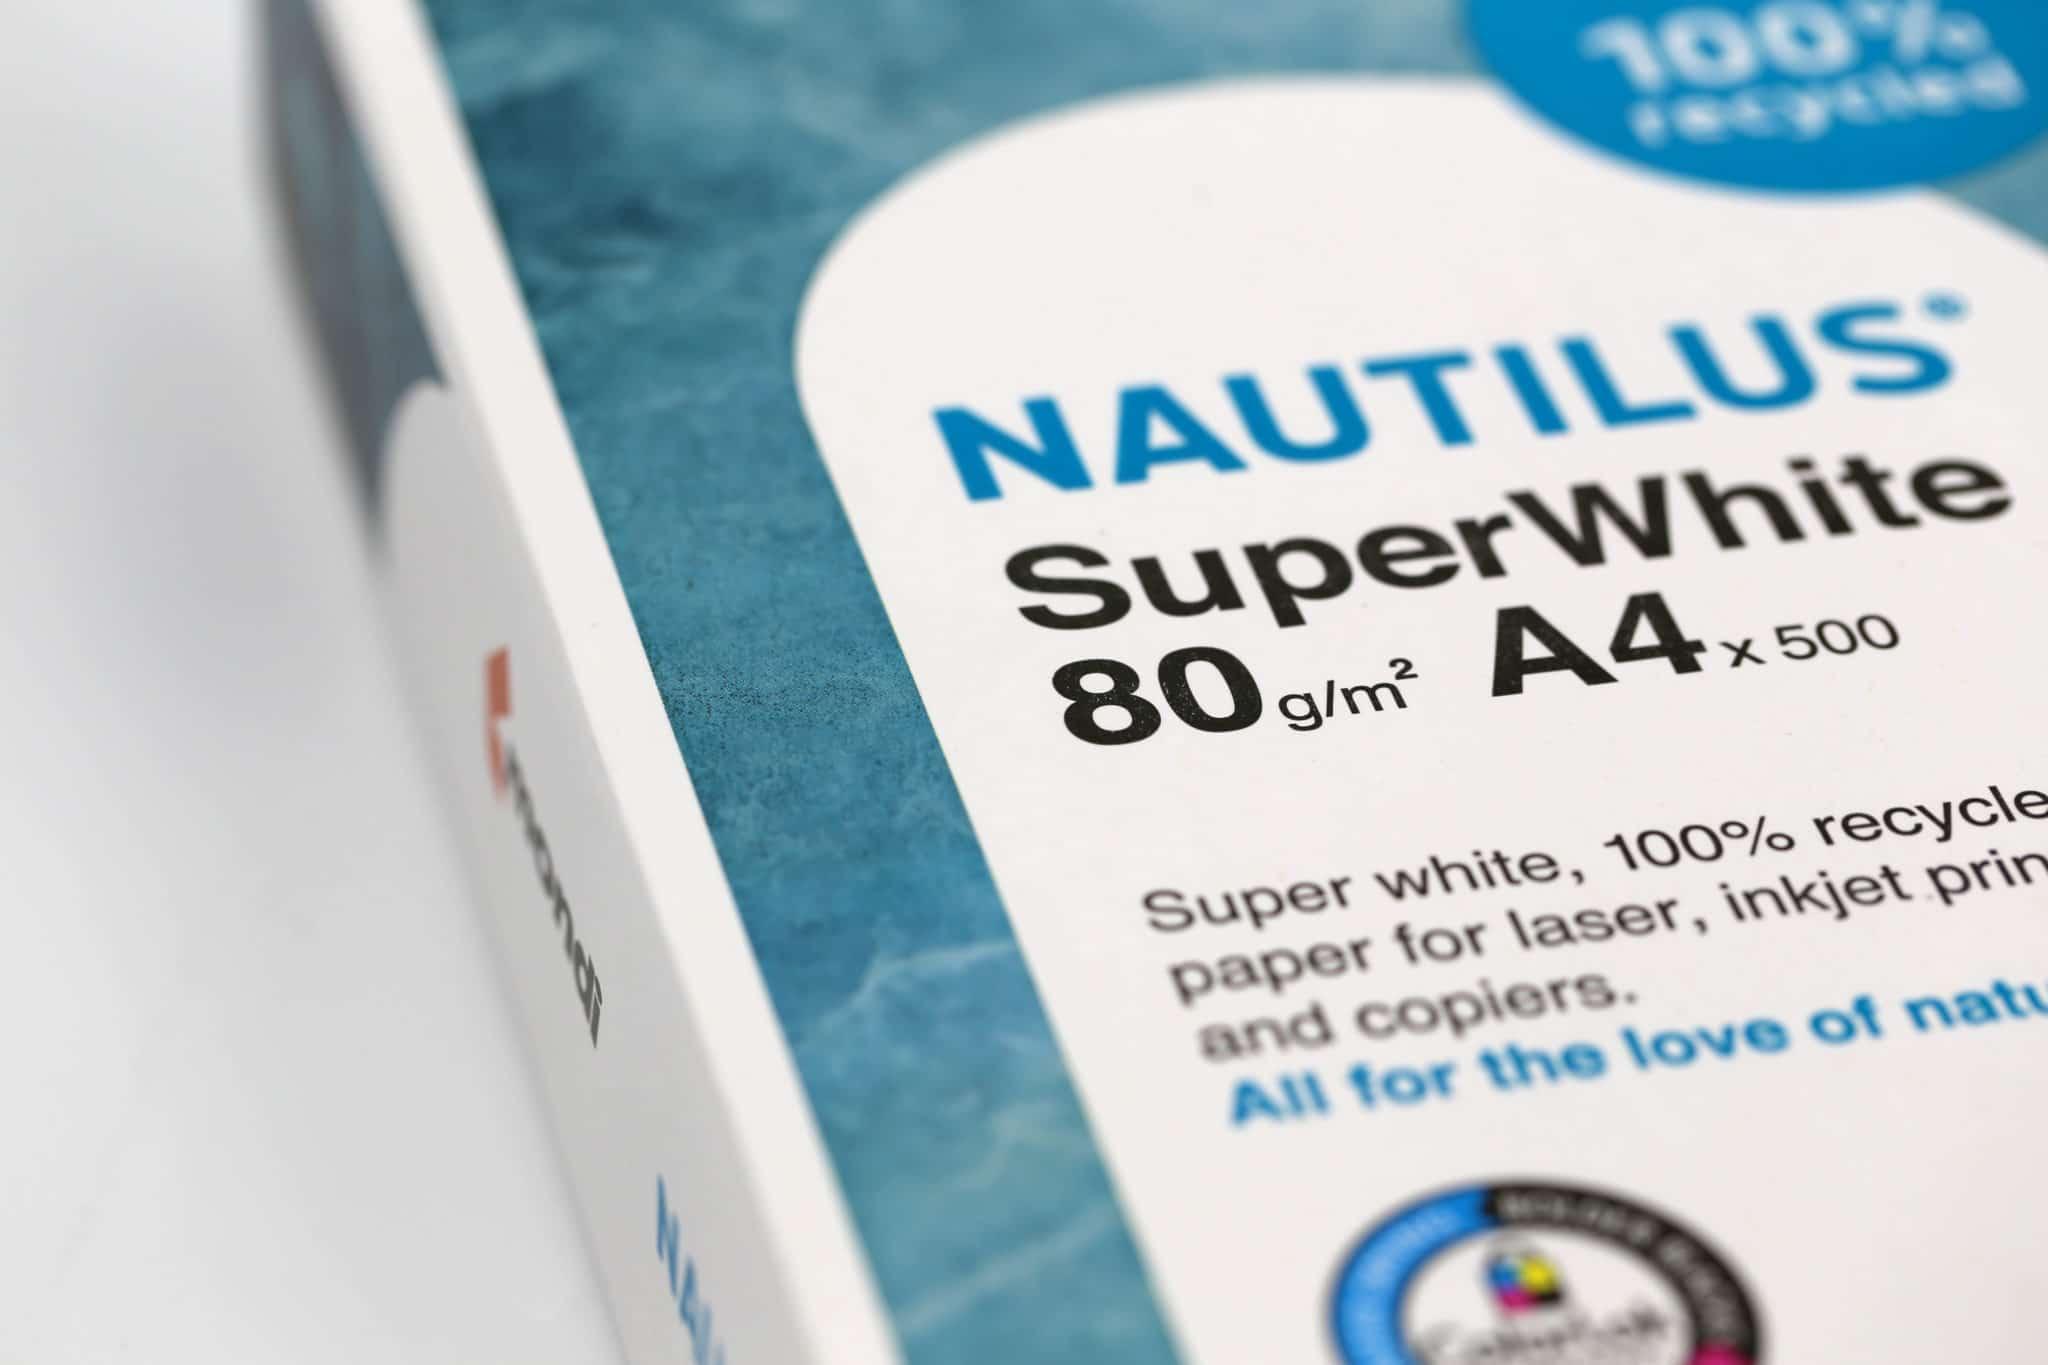 Nautilus SuperWhite